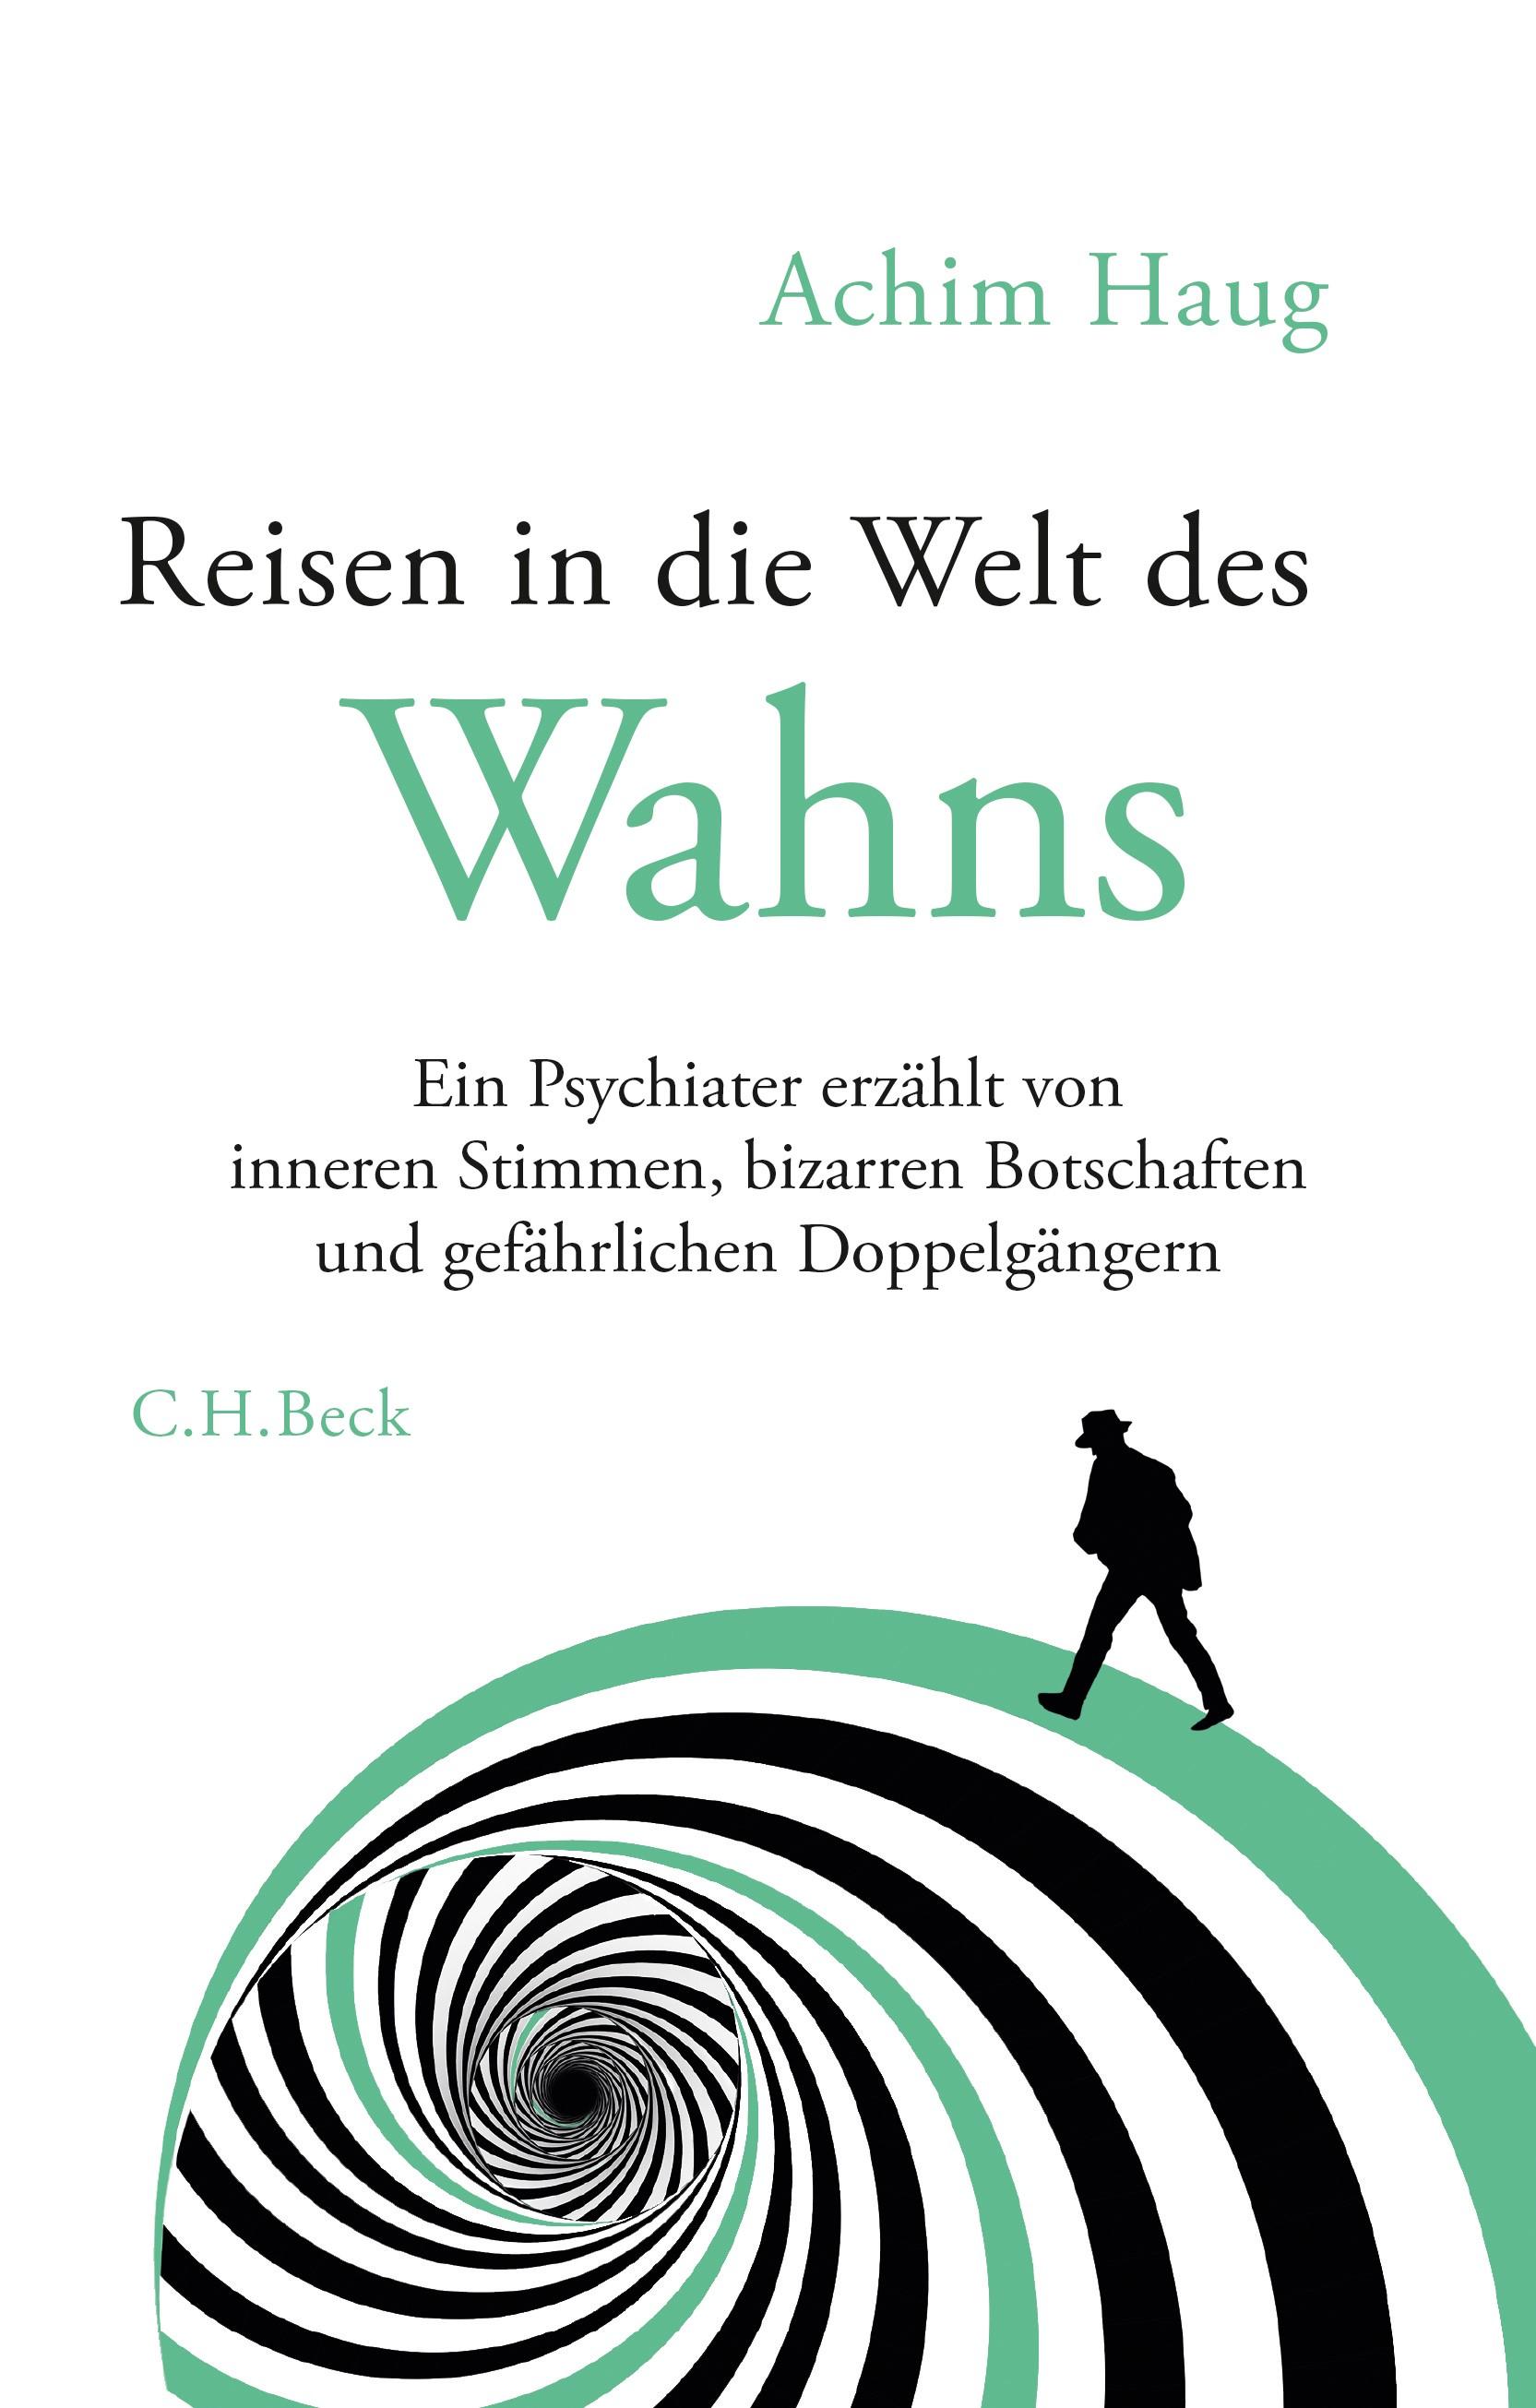 Reisen in die Welt des Wahns   Haug, Achim, 2019   Buch (Cover)